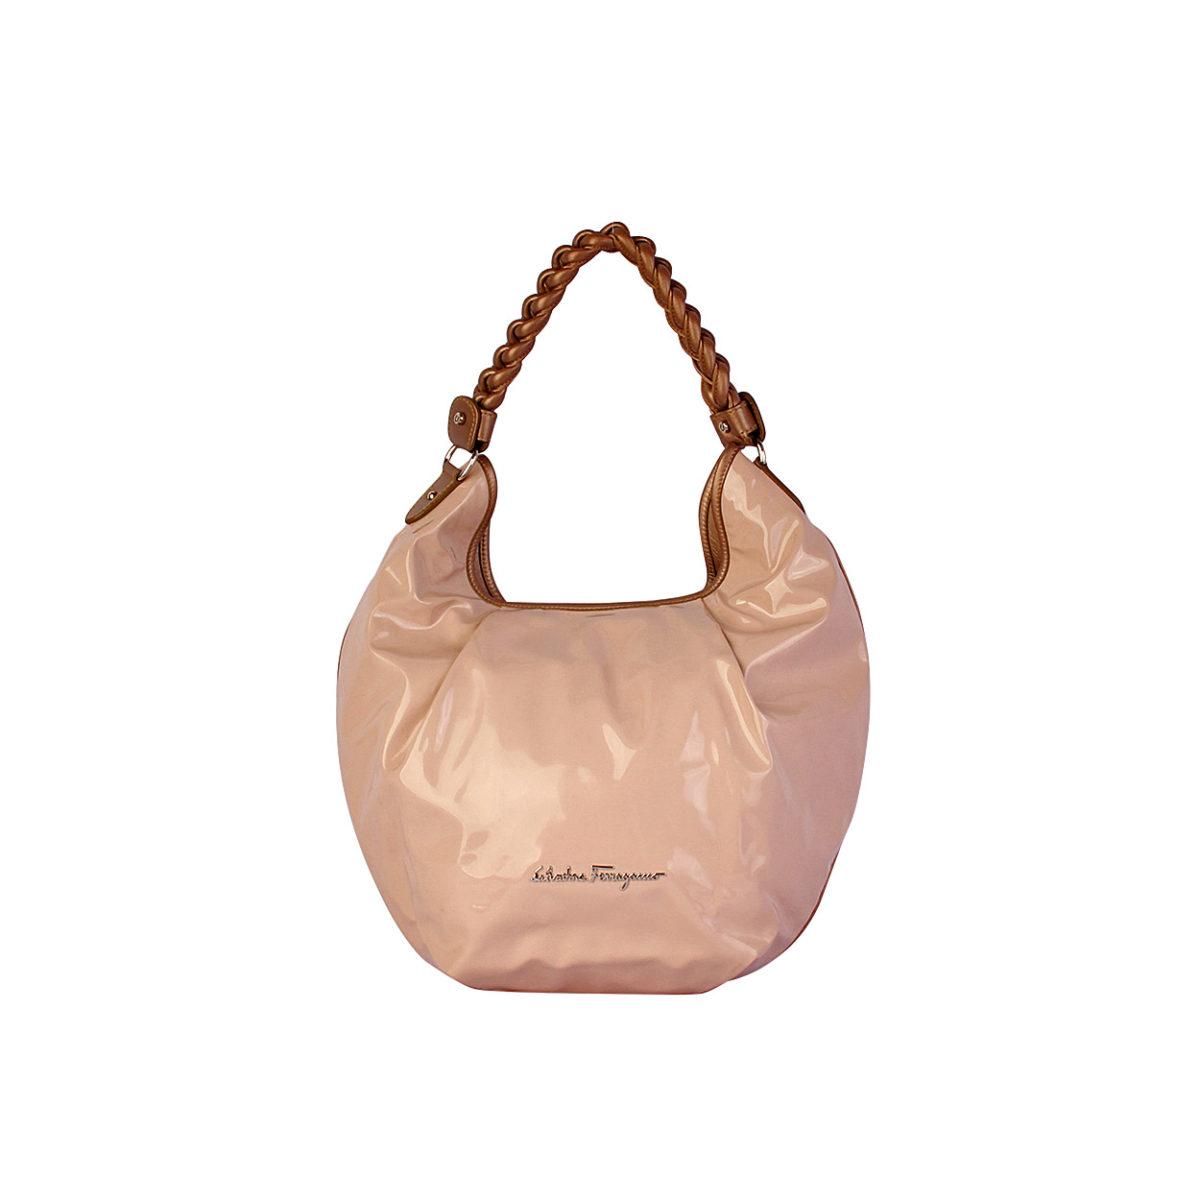 SALVATORE FERRAGAMO Patent Leather Hobo Nude  ebc38420504b7